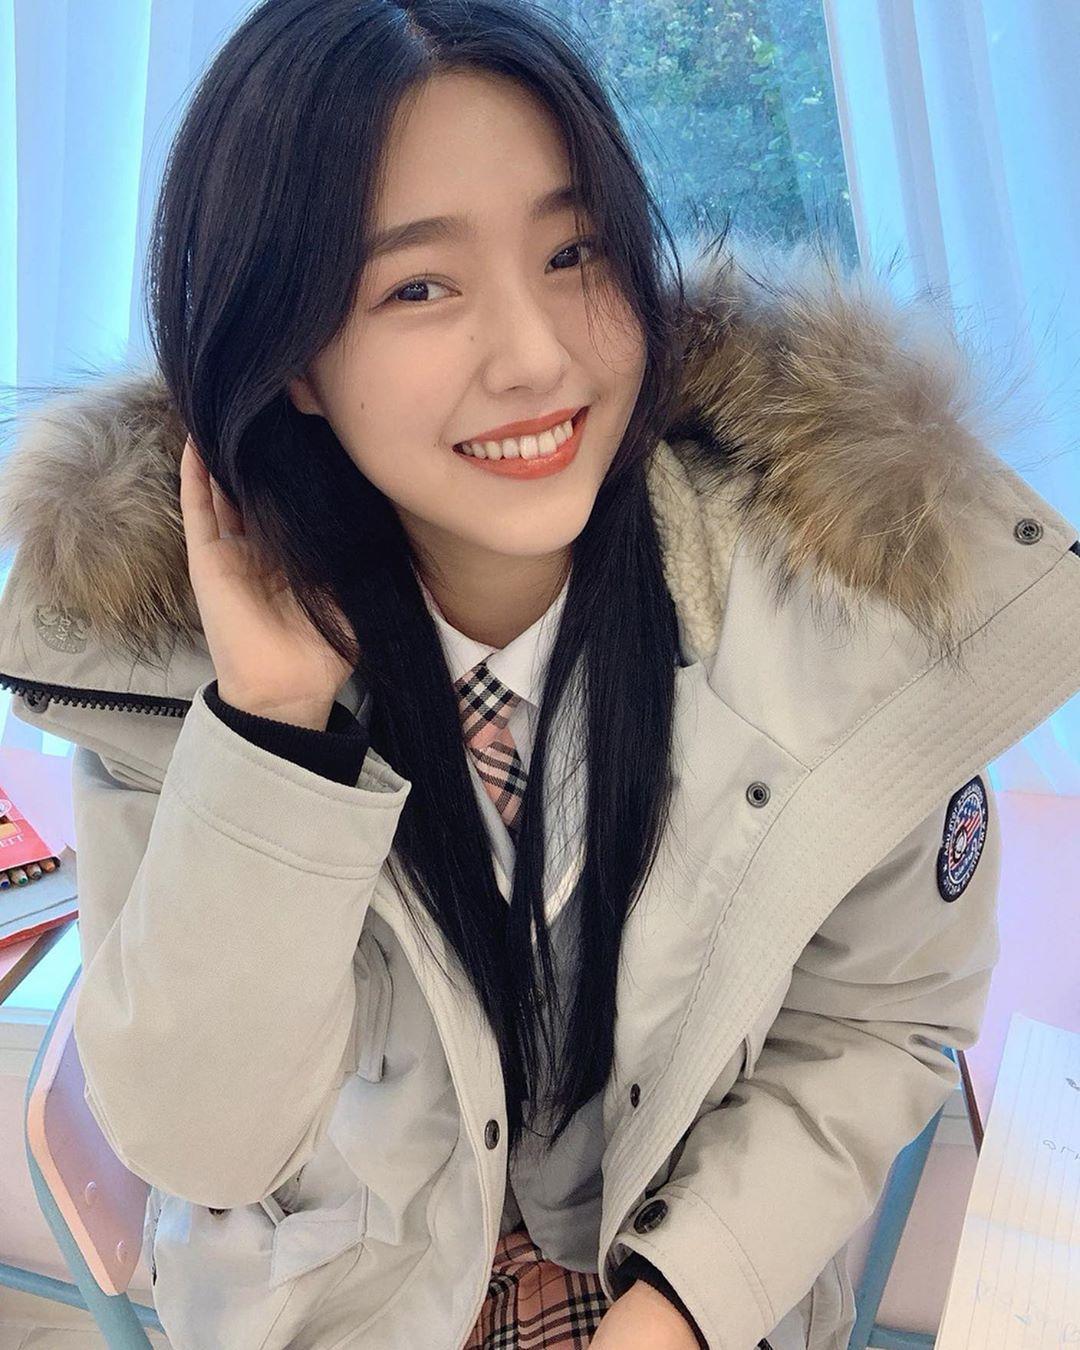 天菜瑜伽老师「정현아」优美身段呈现完美S型开朗自信「甜美笑容」散发满满阳光魅力-新图包